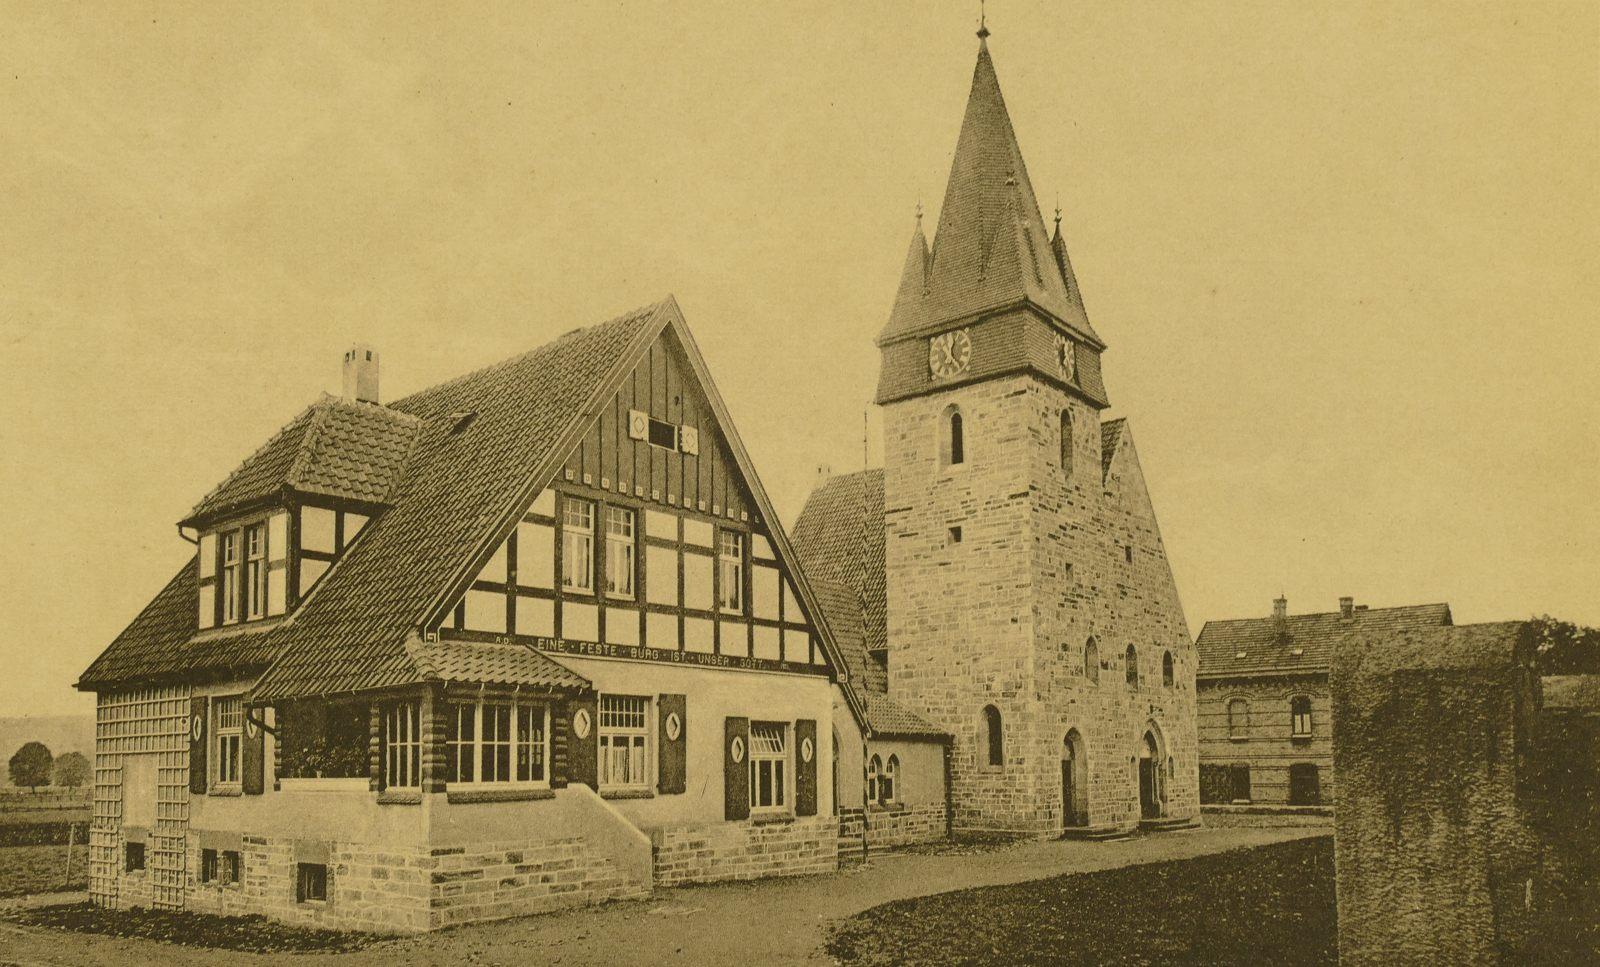 Erlöserkirche oder evangelische Kirche in den 1900ern